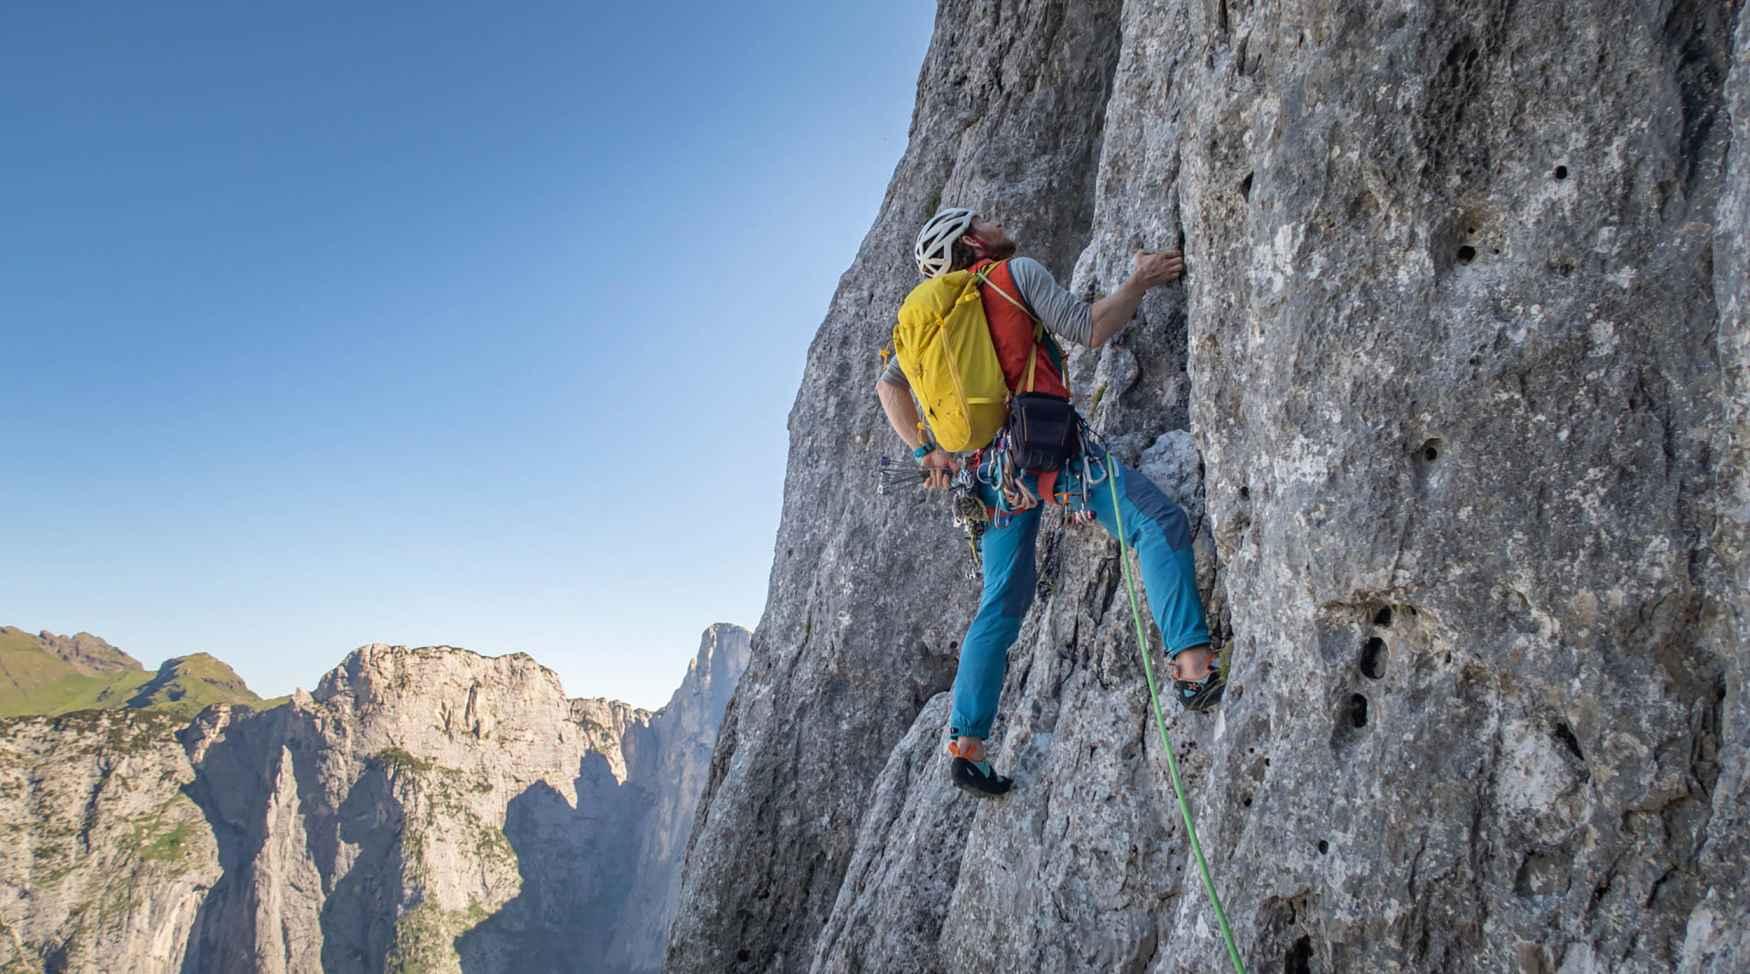 De ROCKET SLIP ON is misschien wel de beste oplossing voor ieder boulderprobleem, hoe lastig ook. Maar deze instapper kan ook goed uitpakken op langere kletterroutes. Daarvoor zorgen alleen al de optimaal aan de anatomie van de voet aangepaste pasvorm en de sterke voorspanning – zowel in de hal als buiten op de rots.